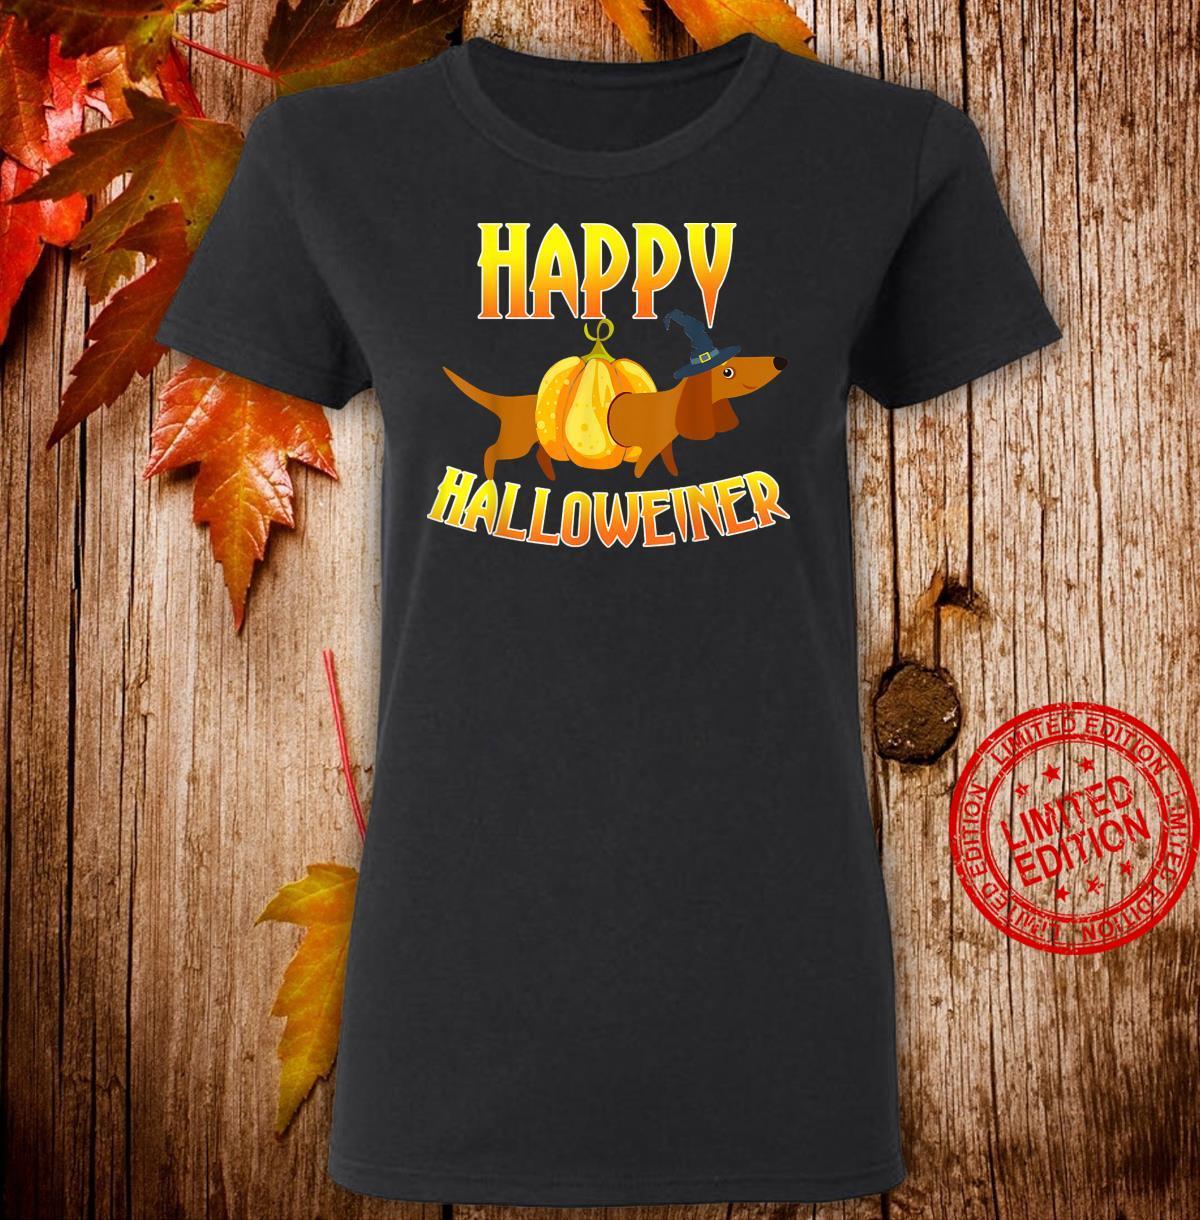 DachshundHappyHalloweiner HalloweenDogs Shirt ladies tee